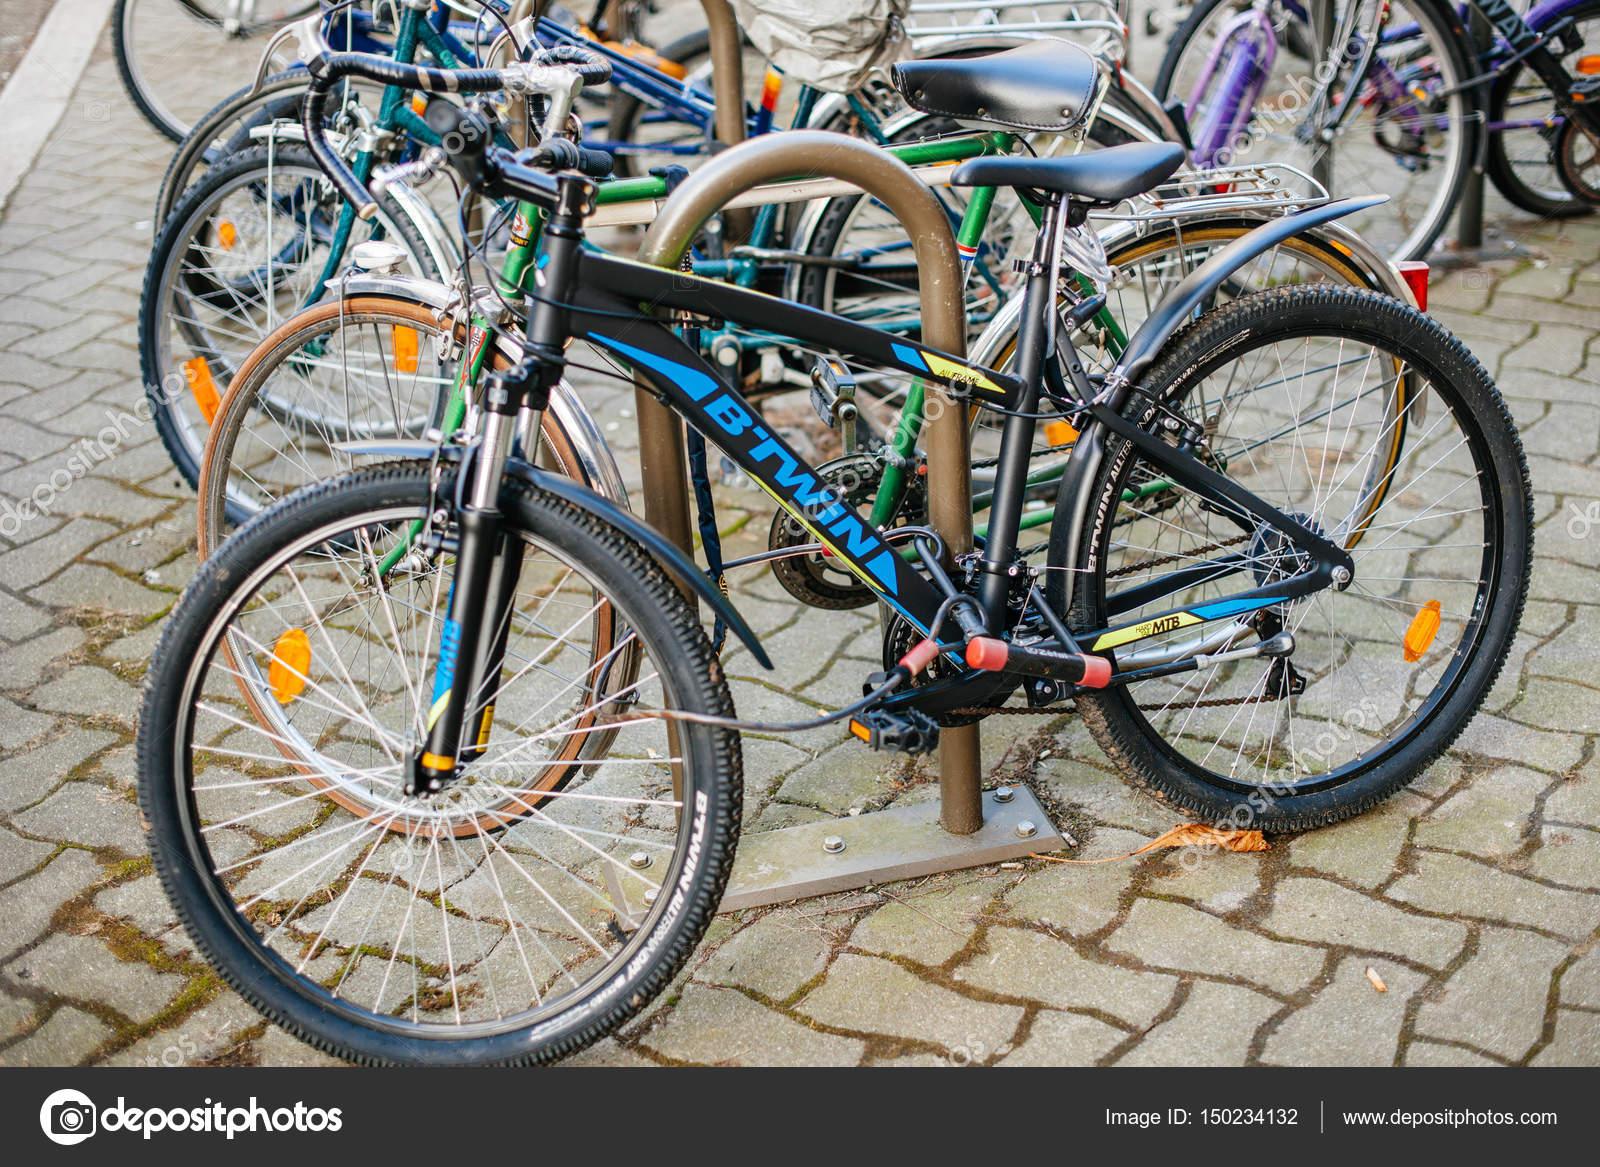 5a94eb10c66 Strasbourg, Frankrijk - 13 februari 2017: Moderne Btwin fiets geparkeerd in  het centrum parkeren - B'Twin ins een brandewijn door Decathlon is één  van's ...